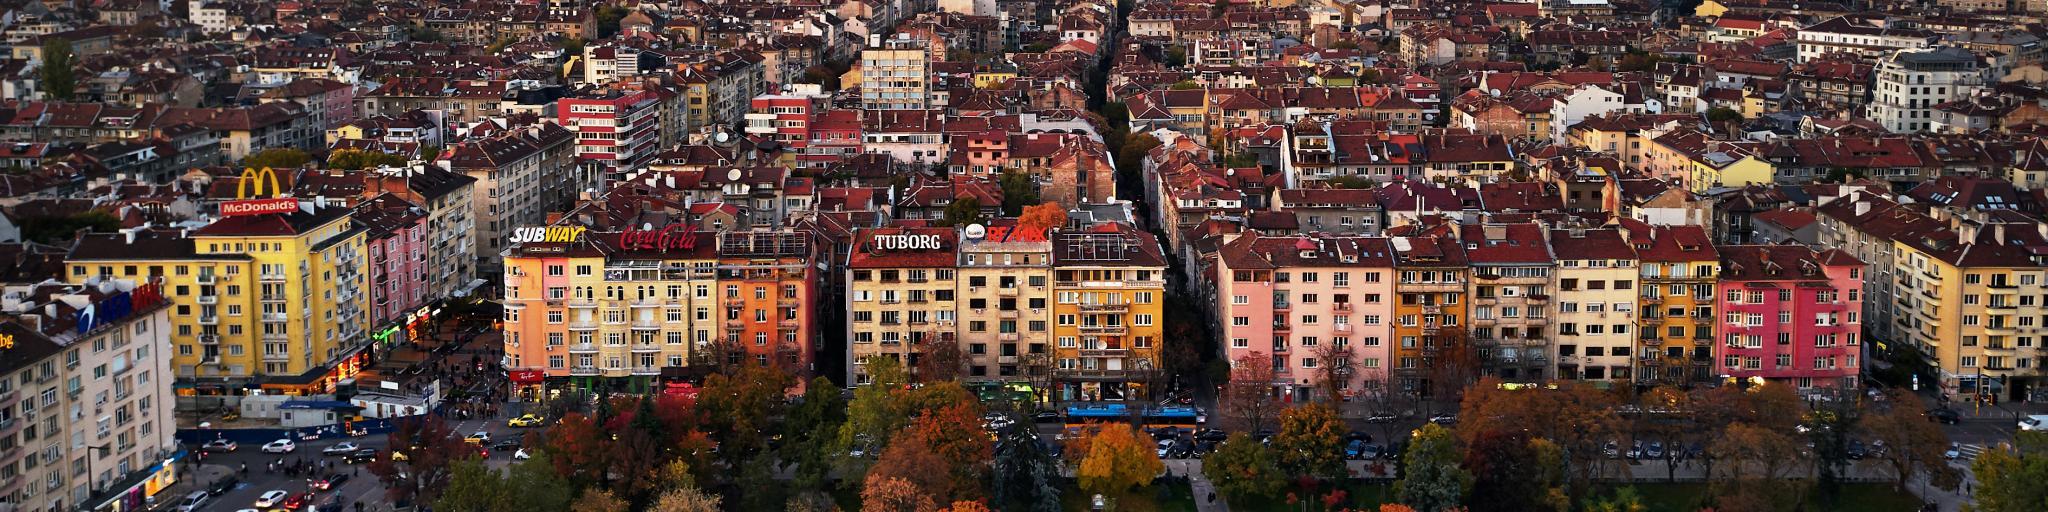 Sredets, Sofia, Bulgaria